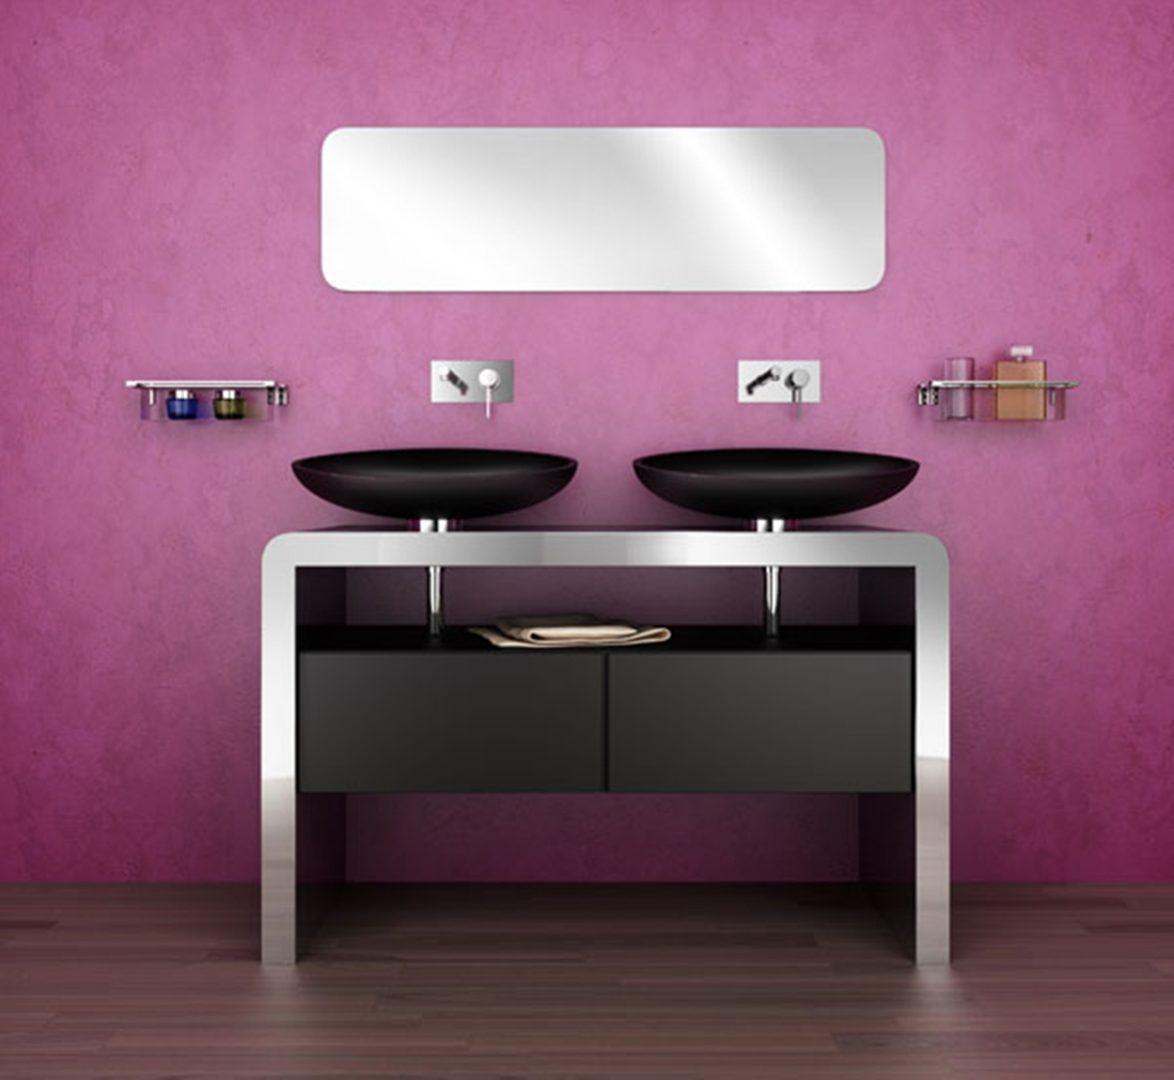 Muebles para lavabo modernos im genes y fotos - Fotos de muebles de bano modernos ...